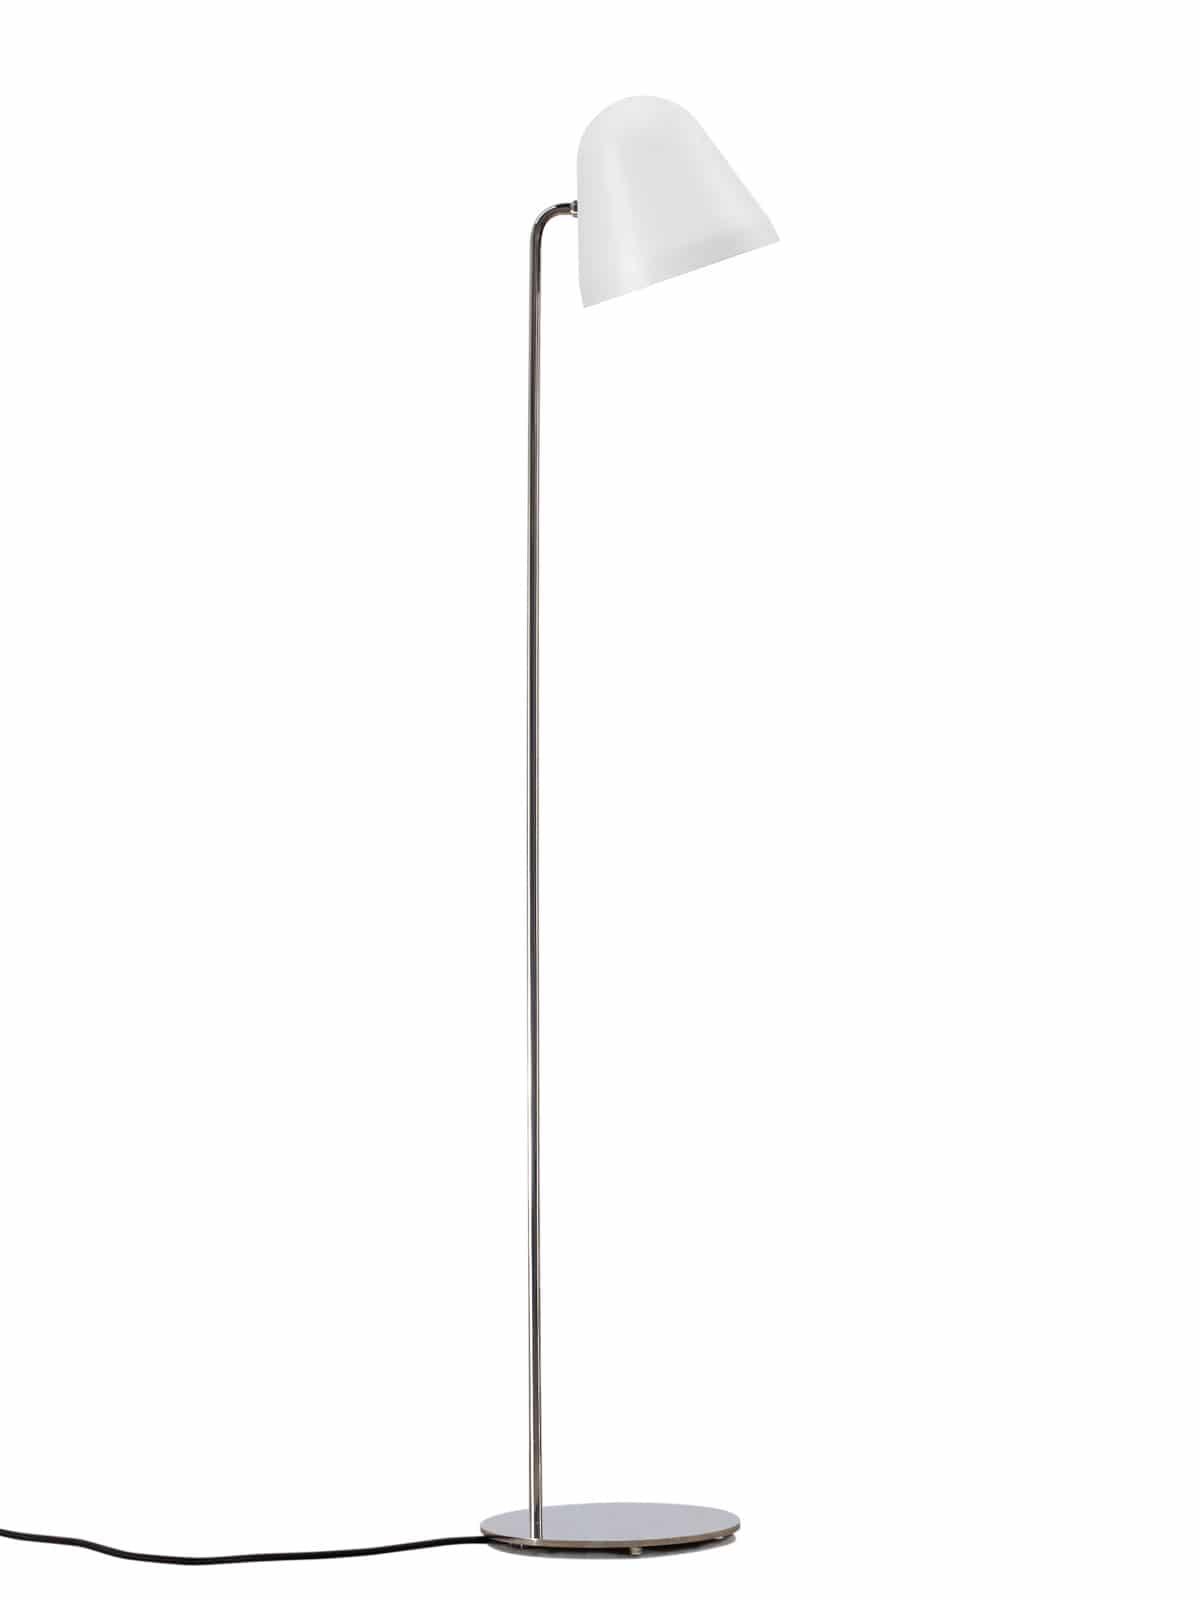 Stehlampe von NYTA Tilt S Floor in Weiss